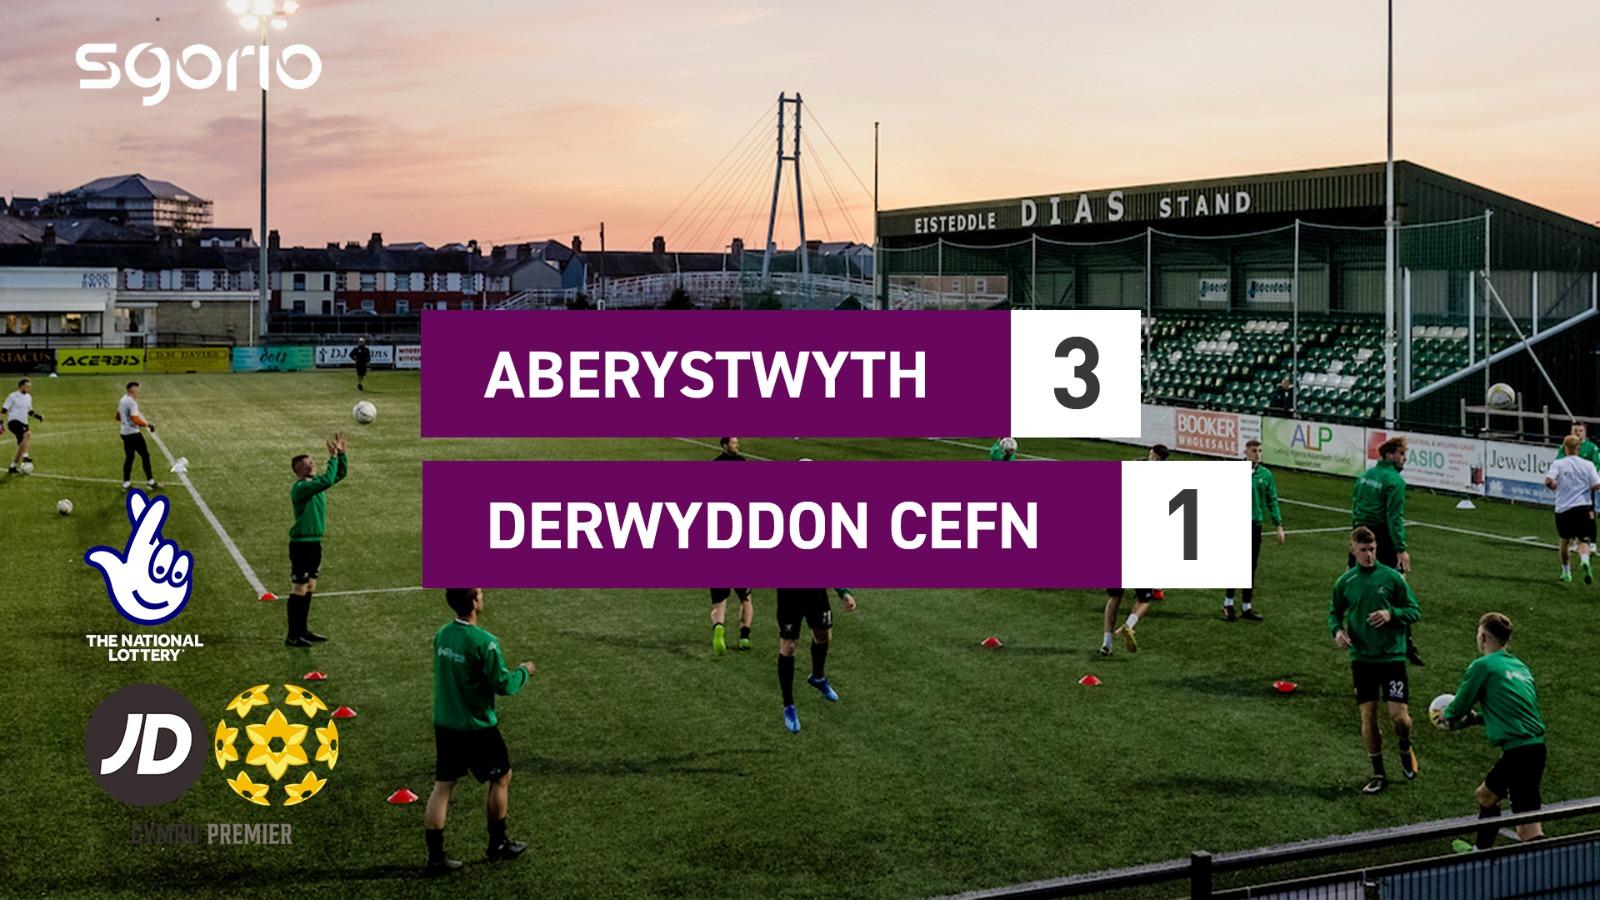 Aberystwyth 3-1 Derwyddon Cefn